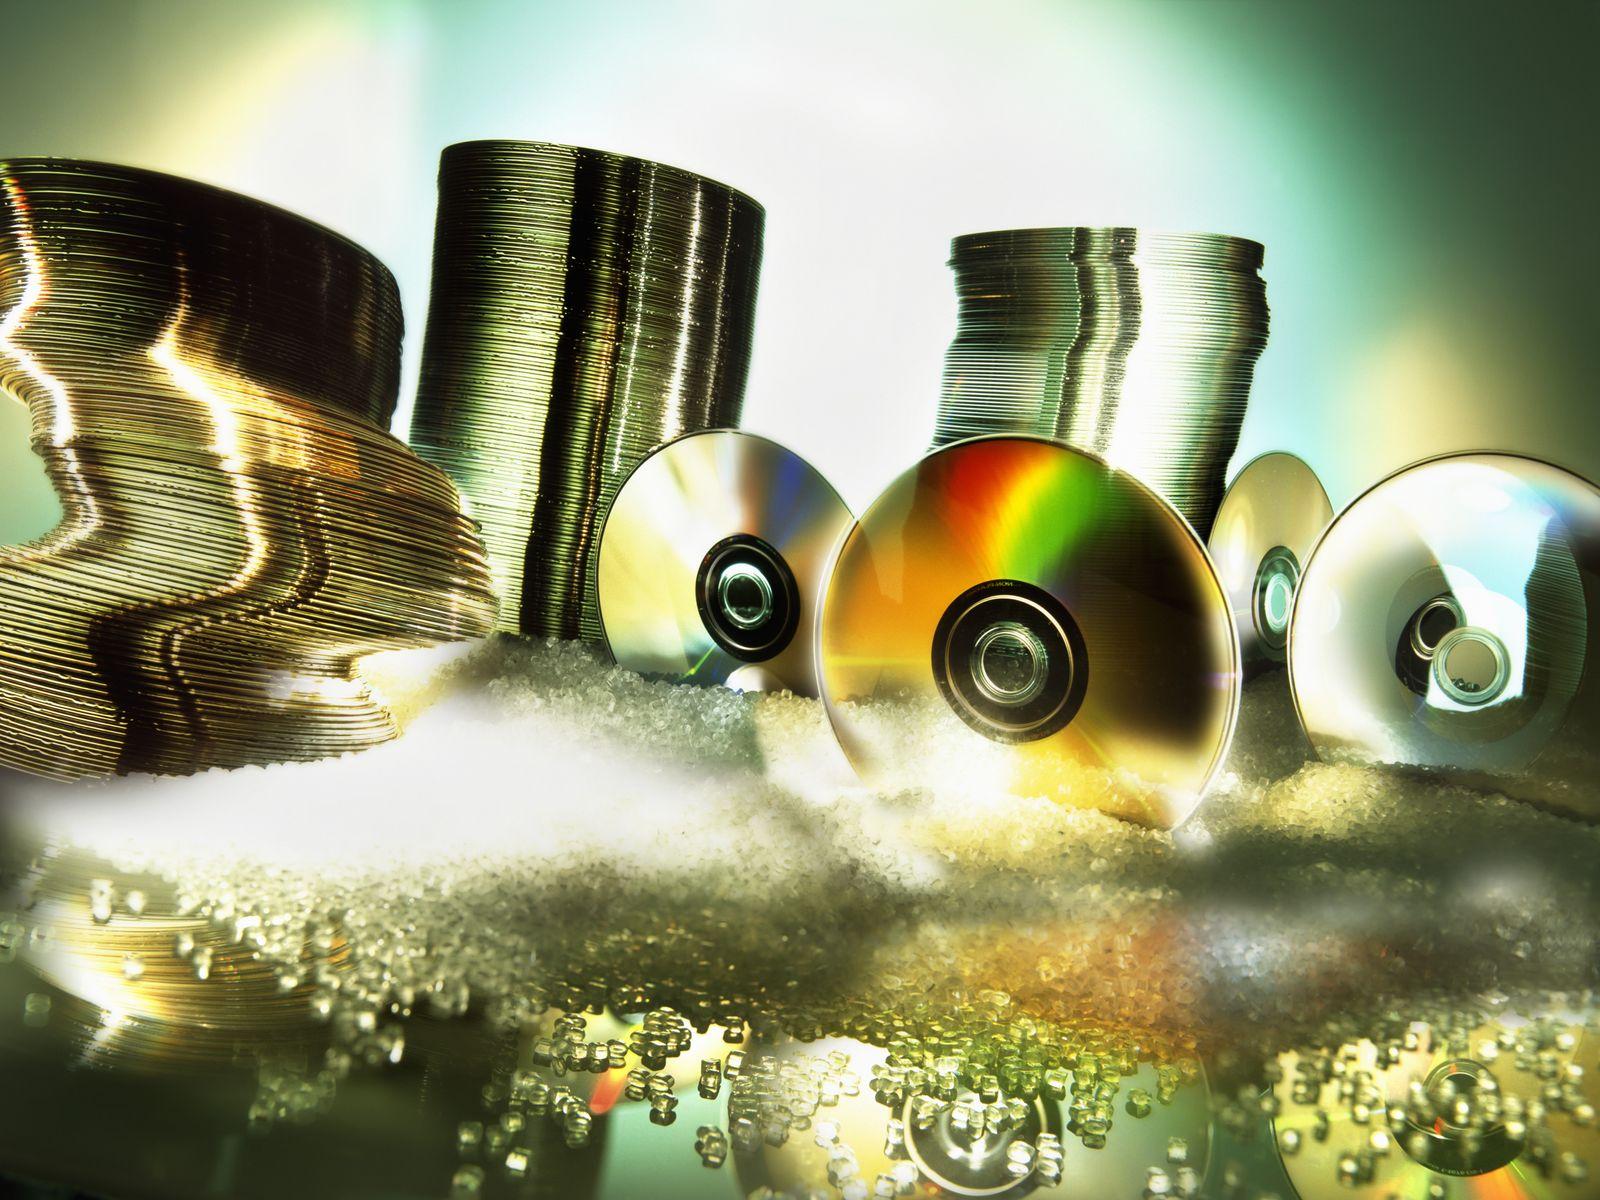 NICHT MEHR VERWENDEN! - Symbolbild DVD/ CD/ Rohlinge